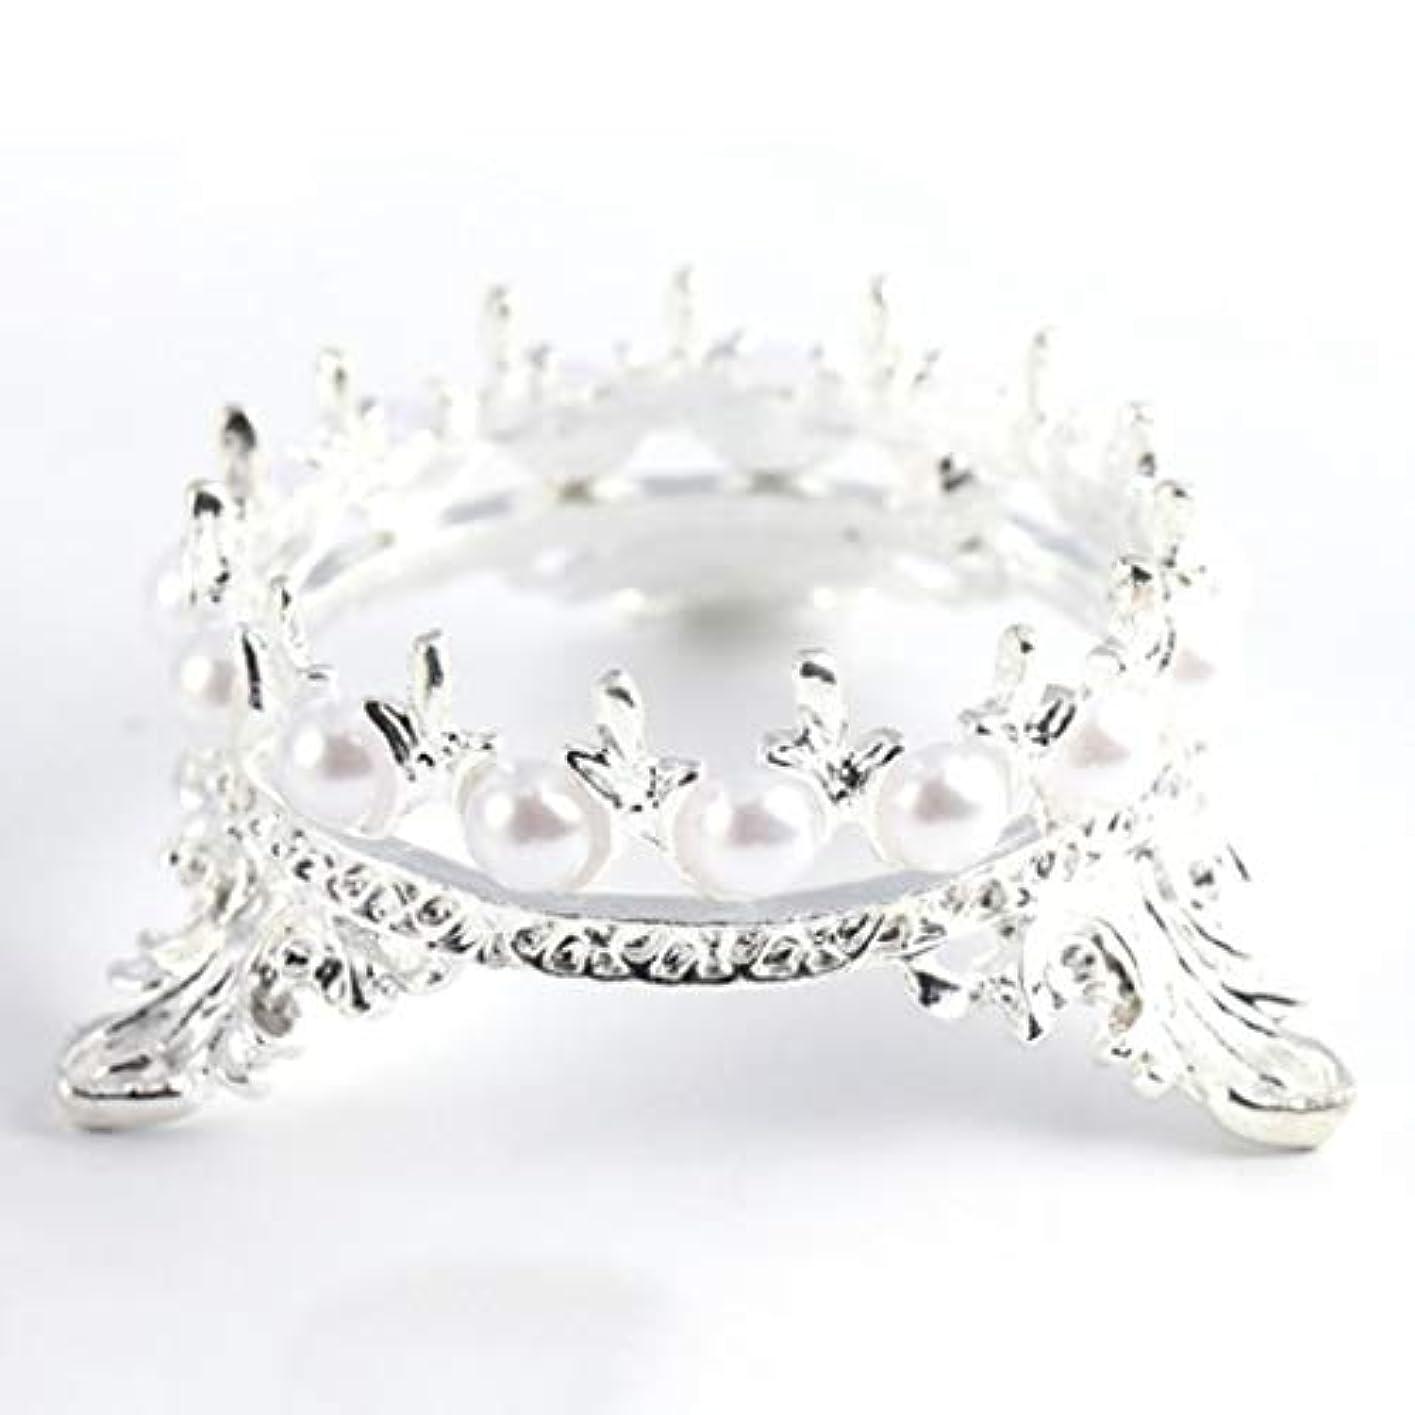 登録する推定する膜Quzama-JS ホット販売1 Xクラウンスタンドペンブラシホルダーパールネイルアートペンラックマニキュアネイルアートツール必需品(None Silver Crown Penholder)